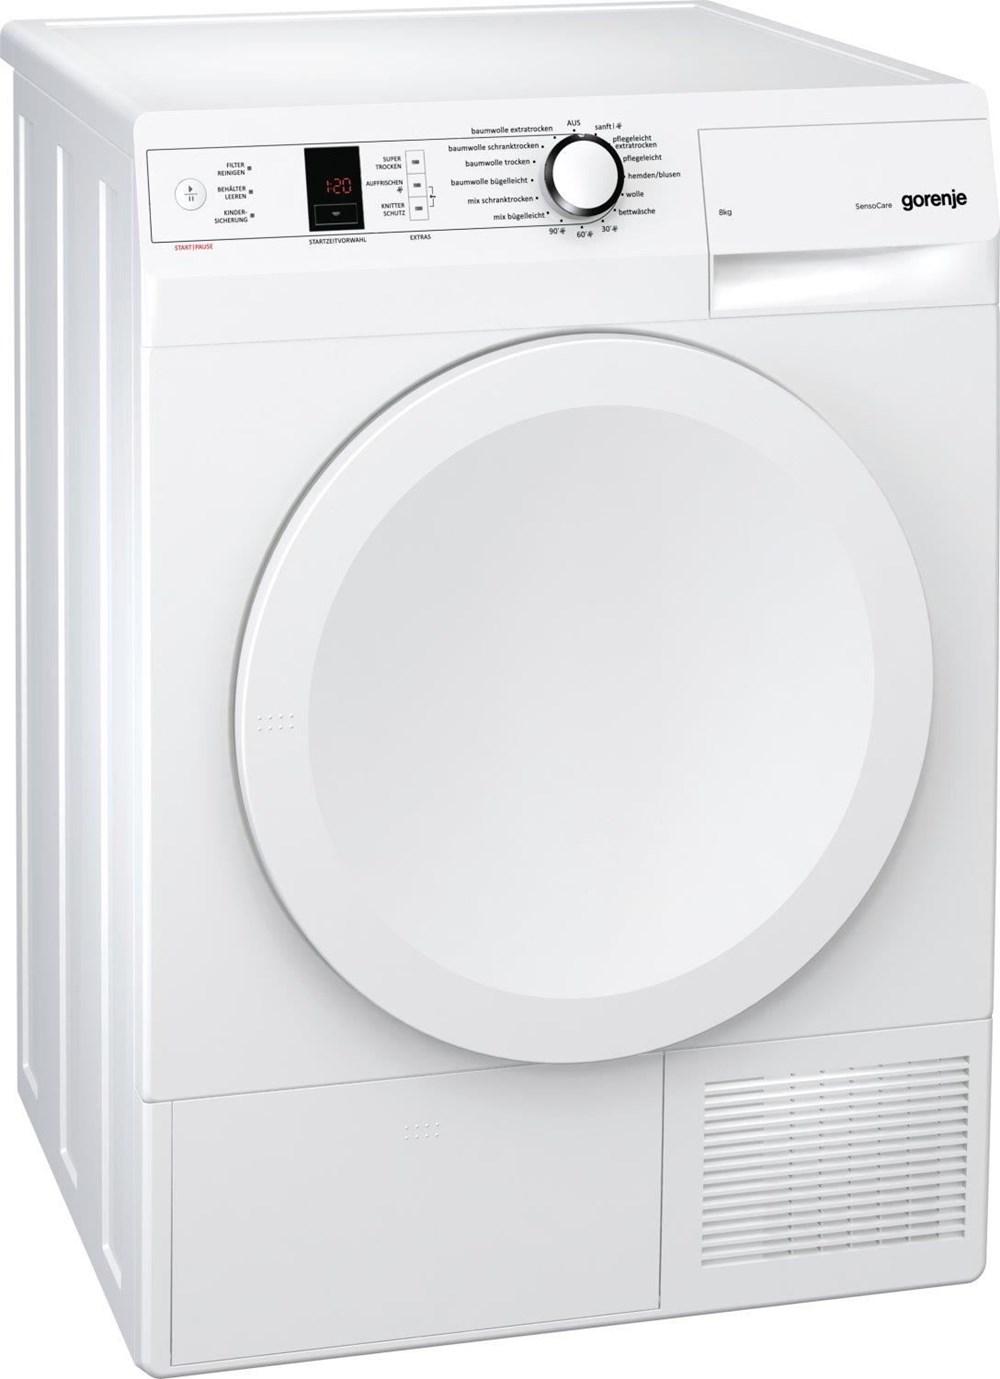 Gorenje D 8566 A+++ Wäschetrockner (EEK: A+++) - Preisvergleich